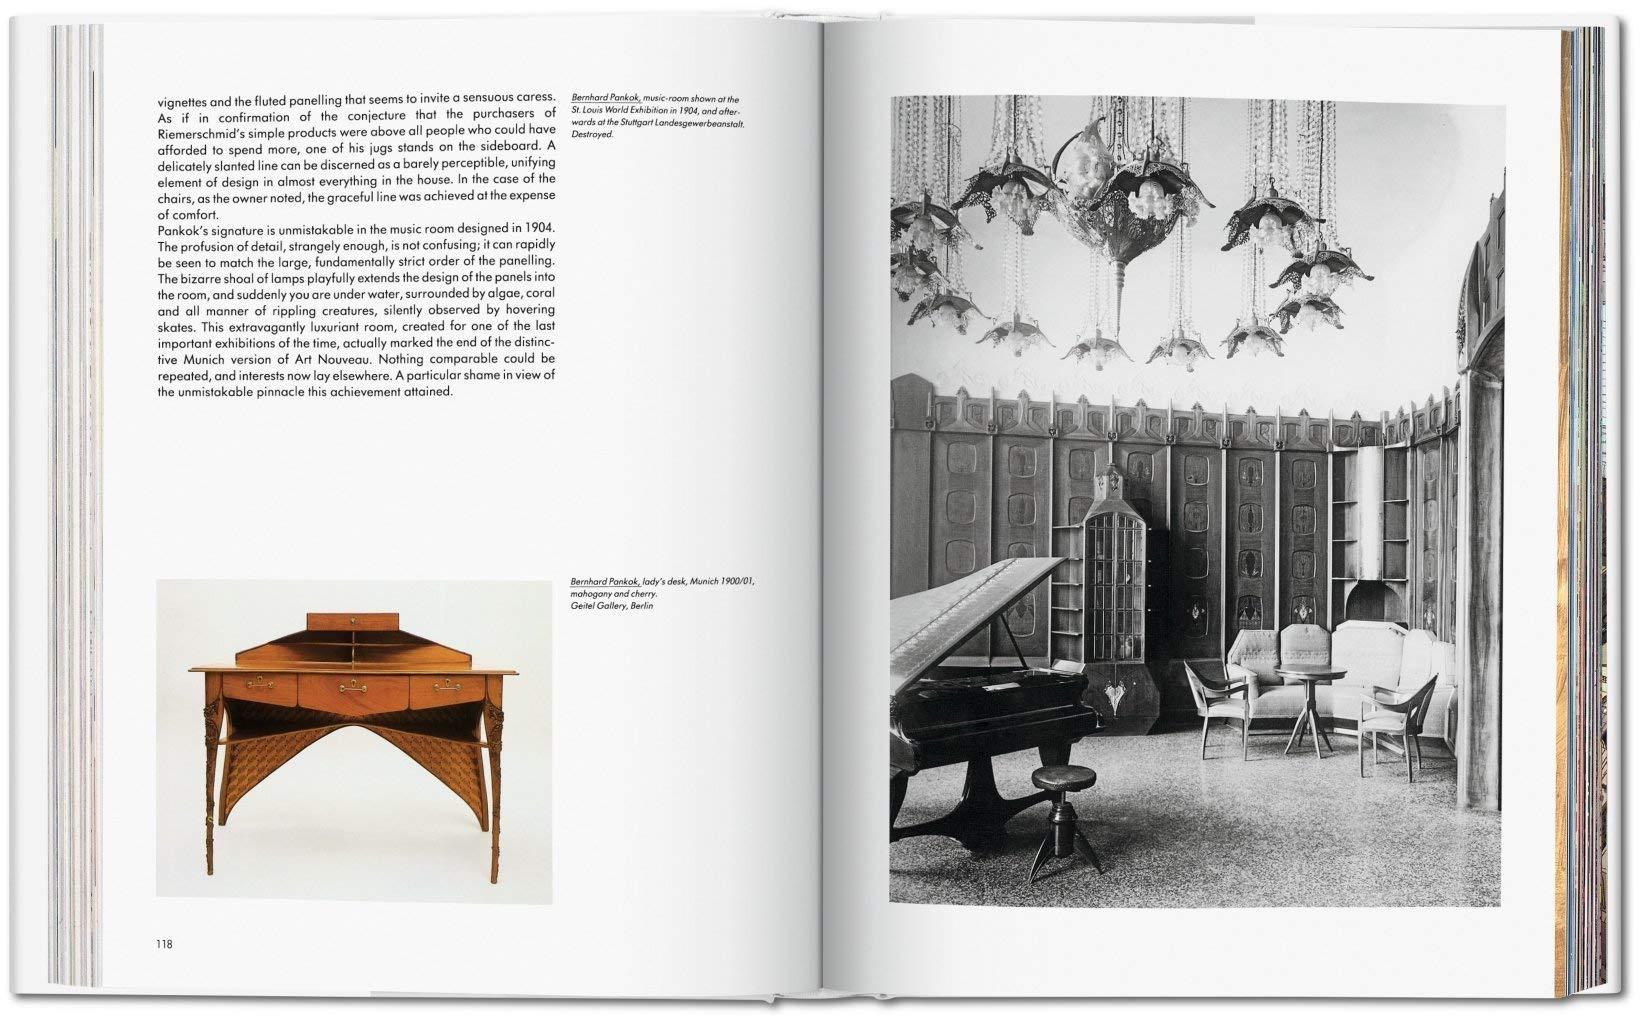 Art Nouveau: JU: Amazon.es: Sembach, Klaus-Jürgen: Libros en idiomas extranjeros